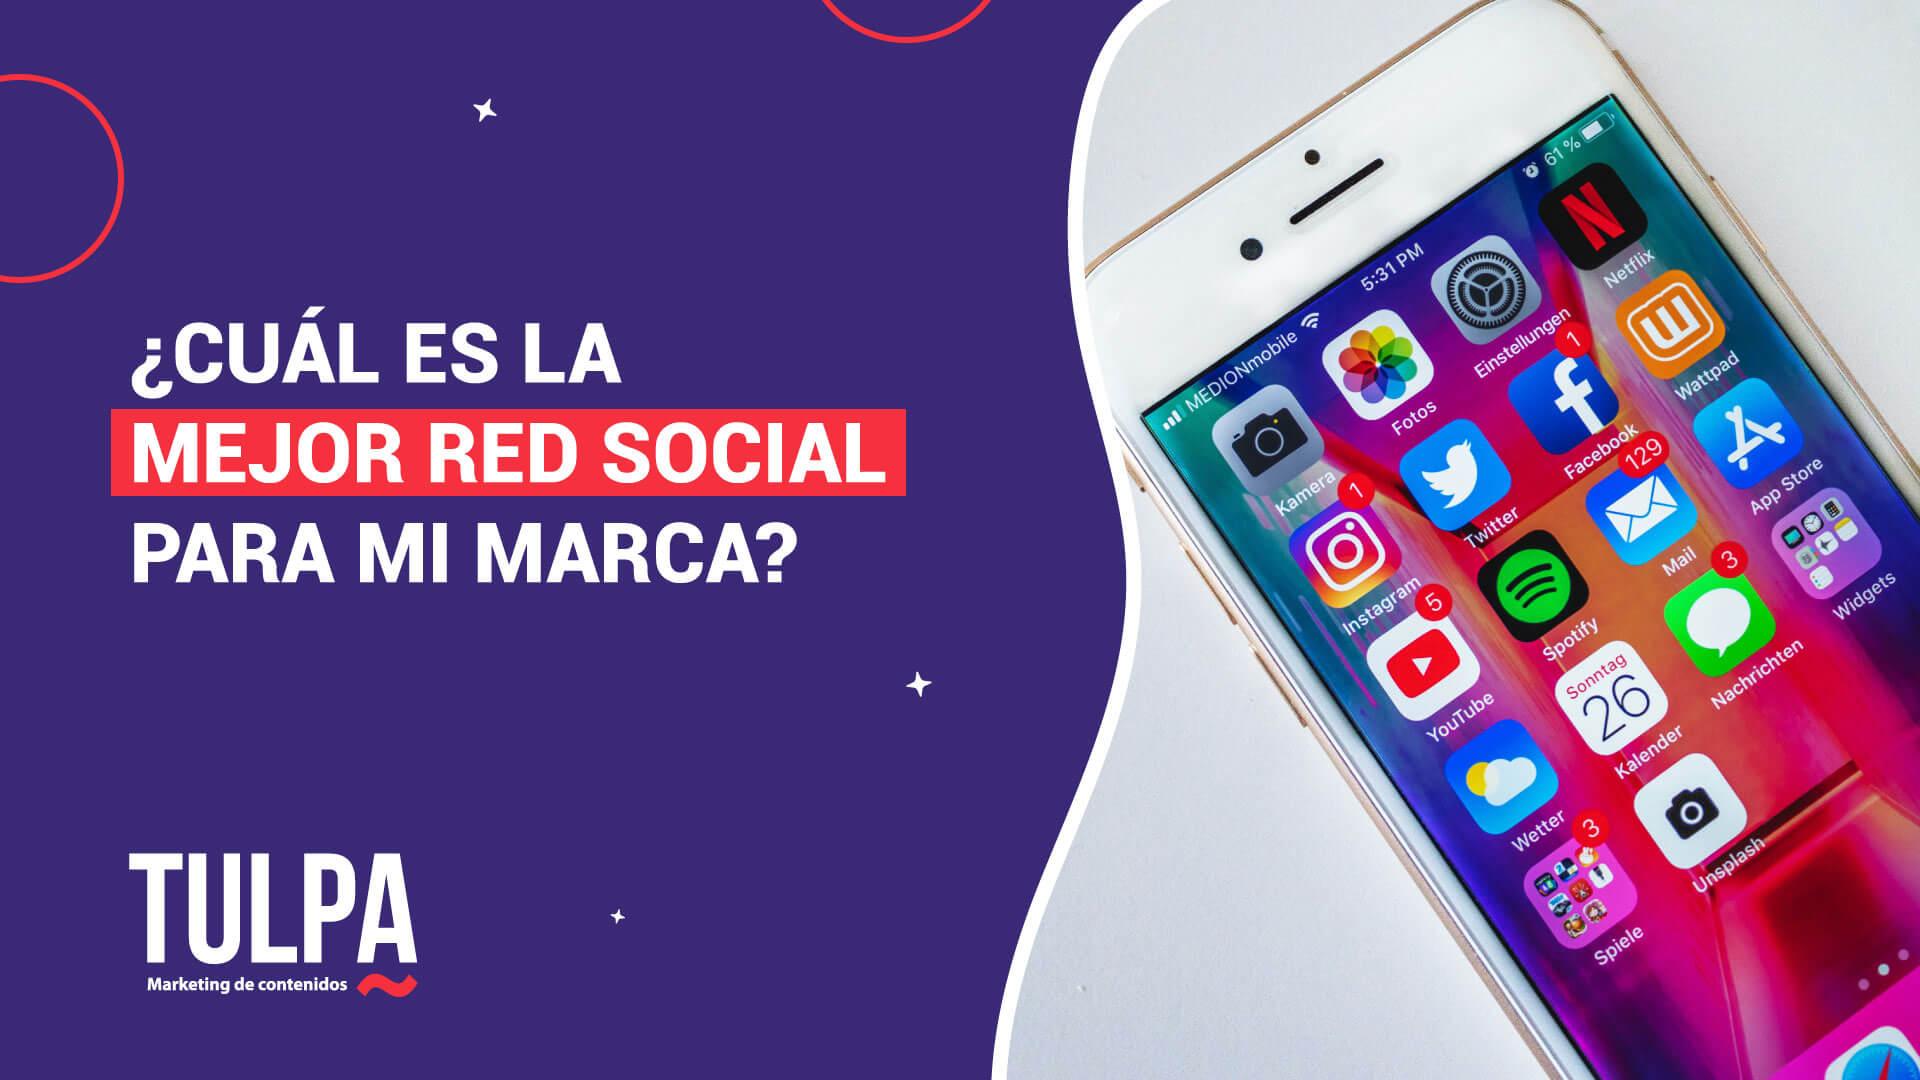 ¿Cuál es la mejor red social para mi marca?